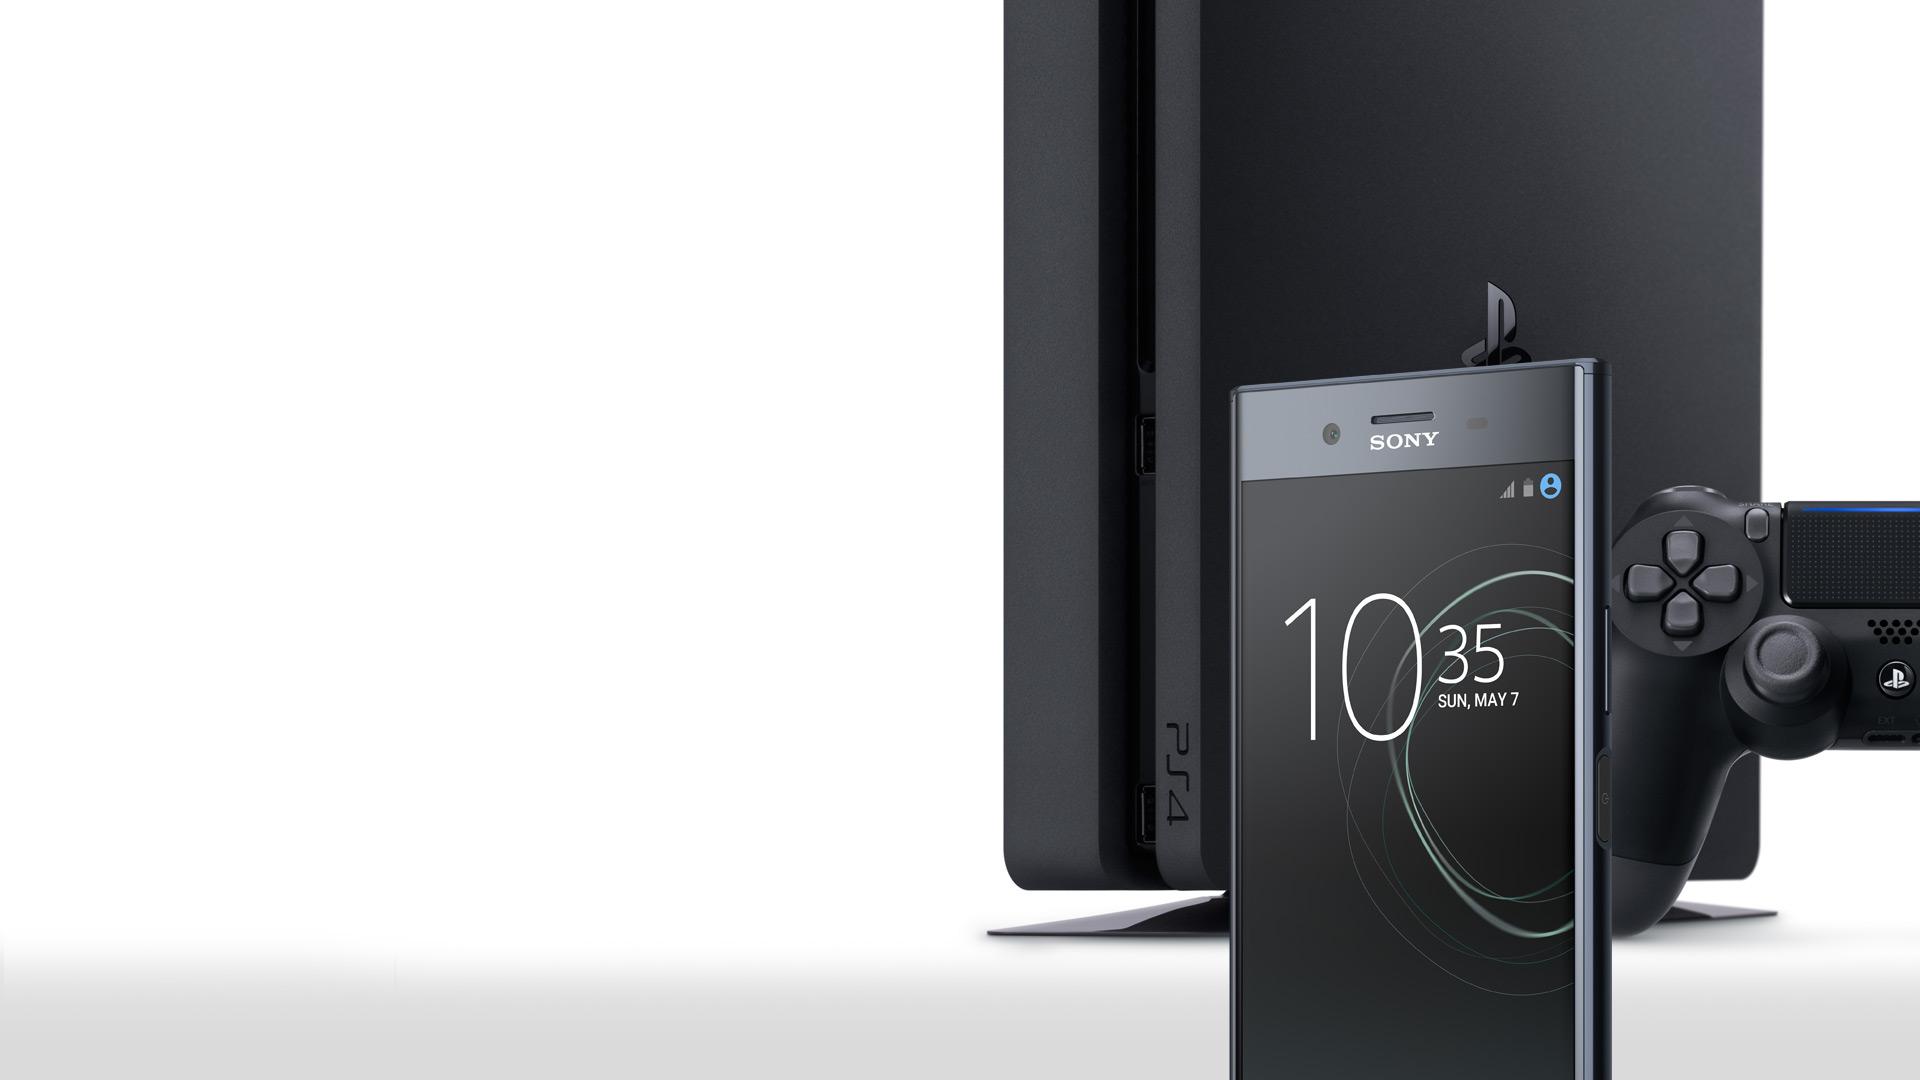 Sony Xperia XZ Smartphone mit PlayStation 4 und Dualshock 4 Controller auf weißem Hintergrund